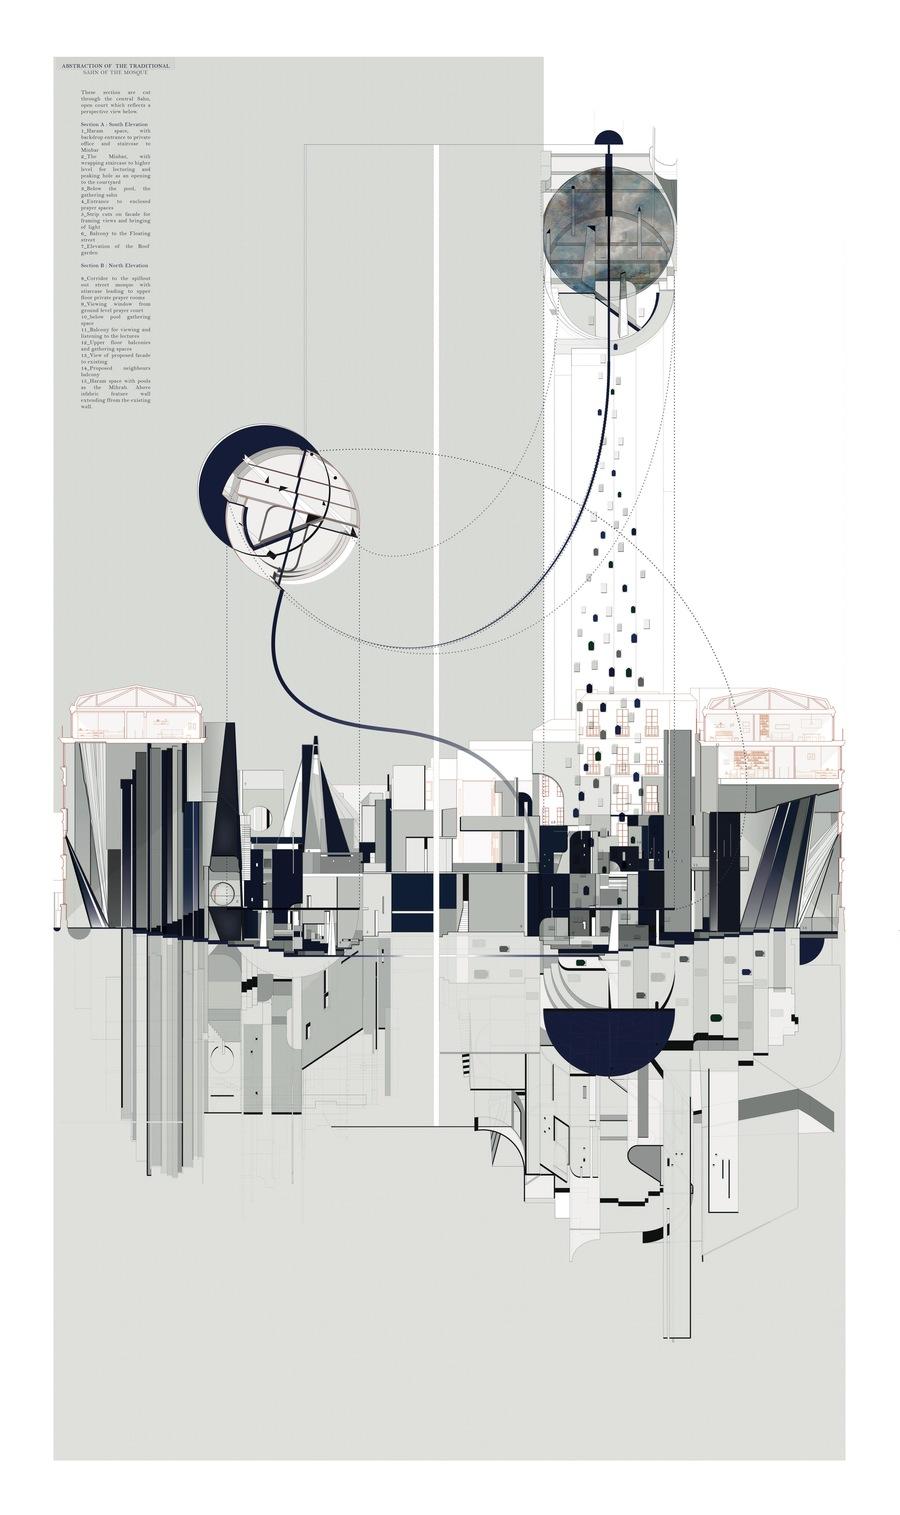 Y5_SarishYounis_Design PortfolioA 50 copy